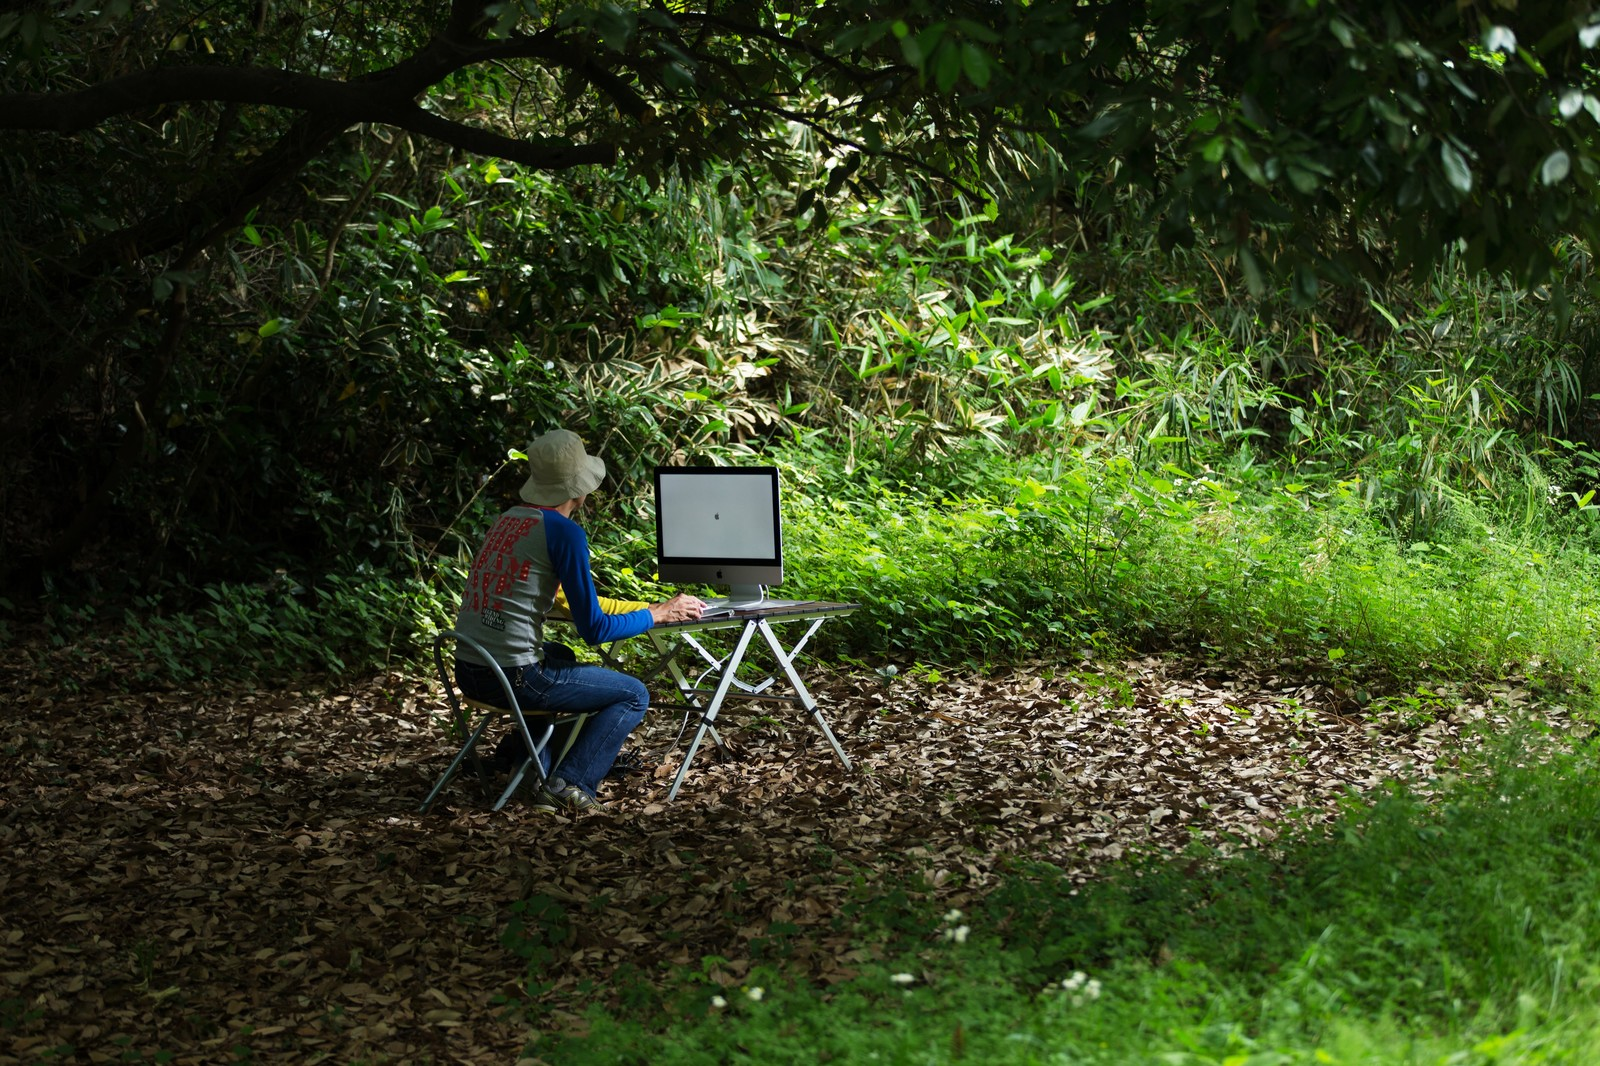 「アップデートがなかなか終わらず森の中でおいてけぼりの新卒デザイナー」の写真